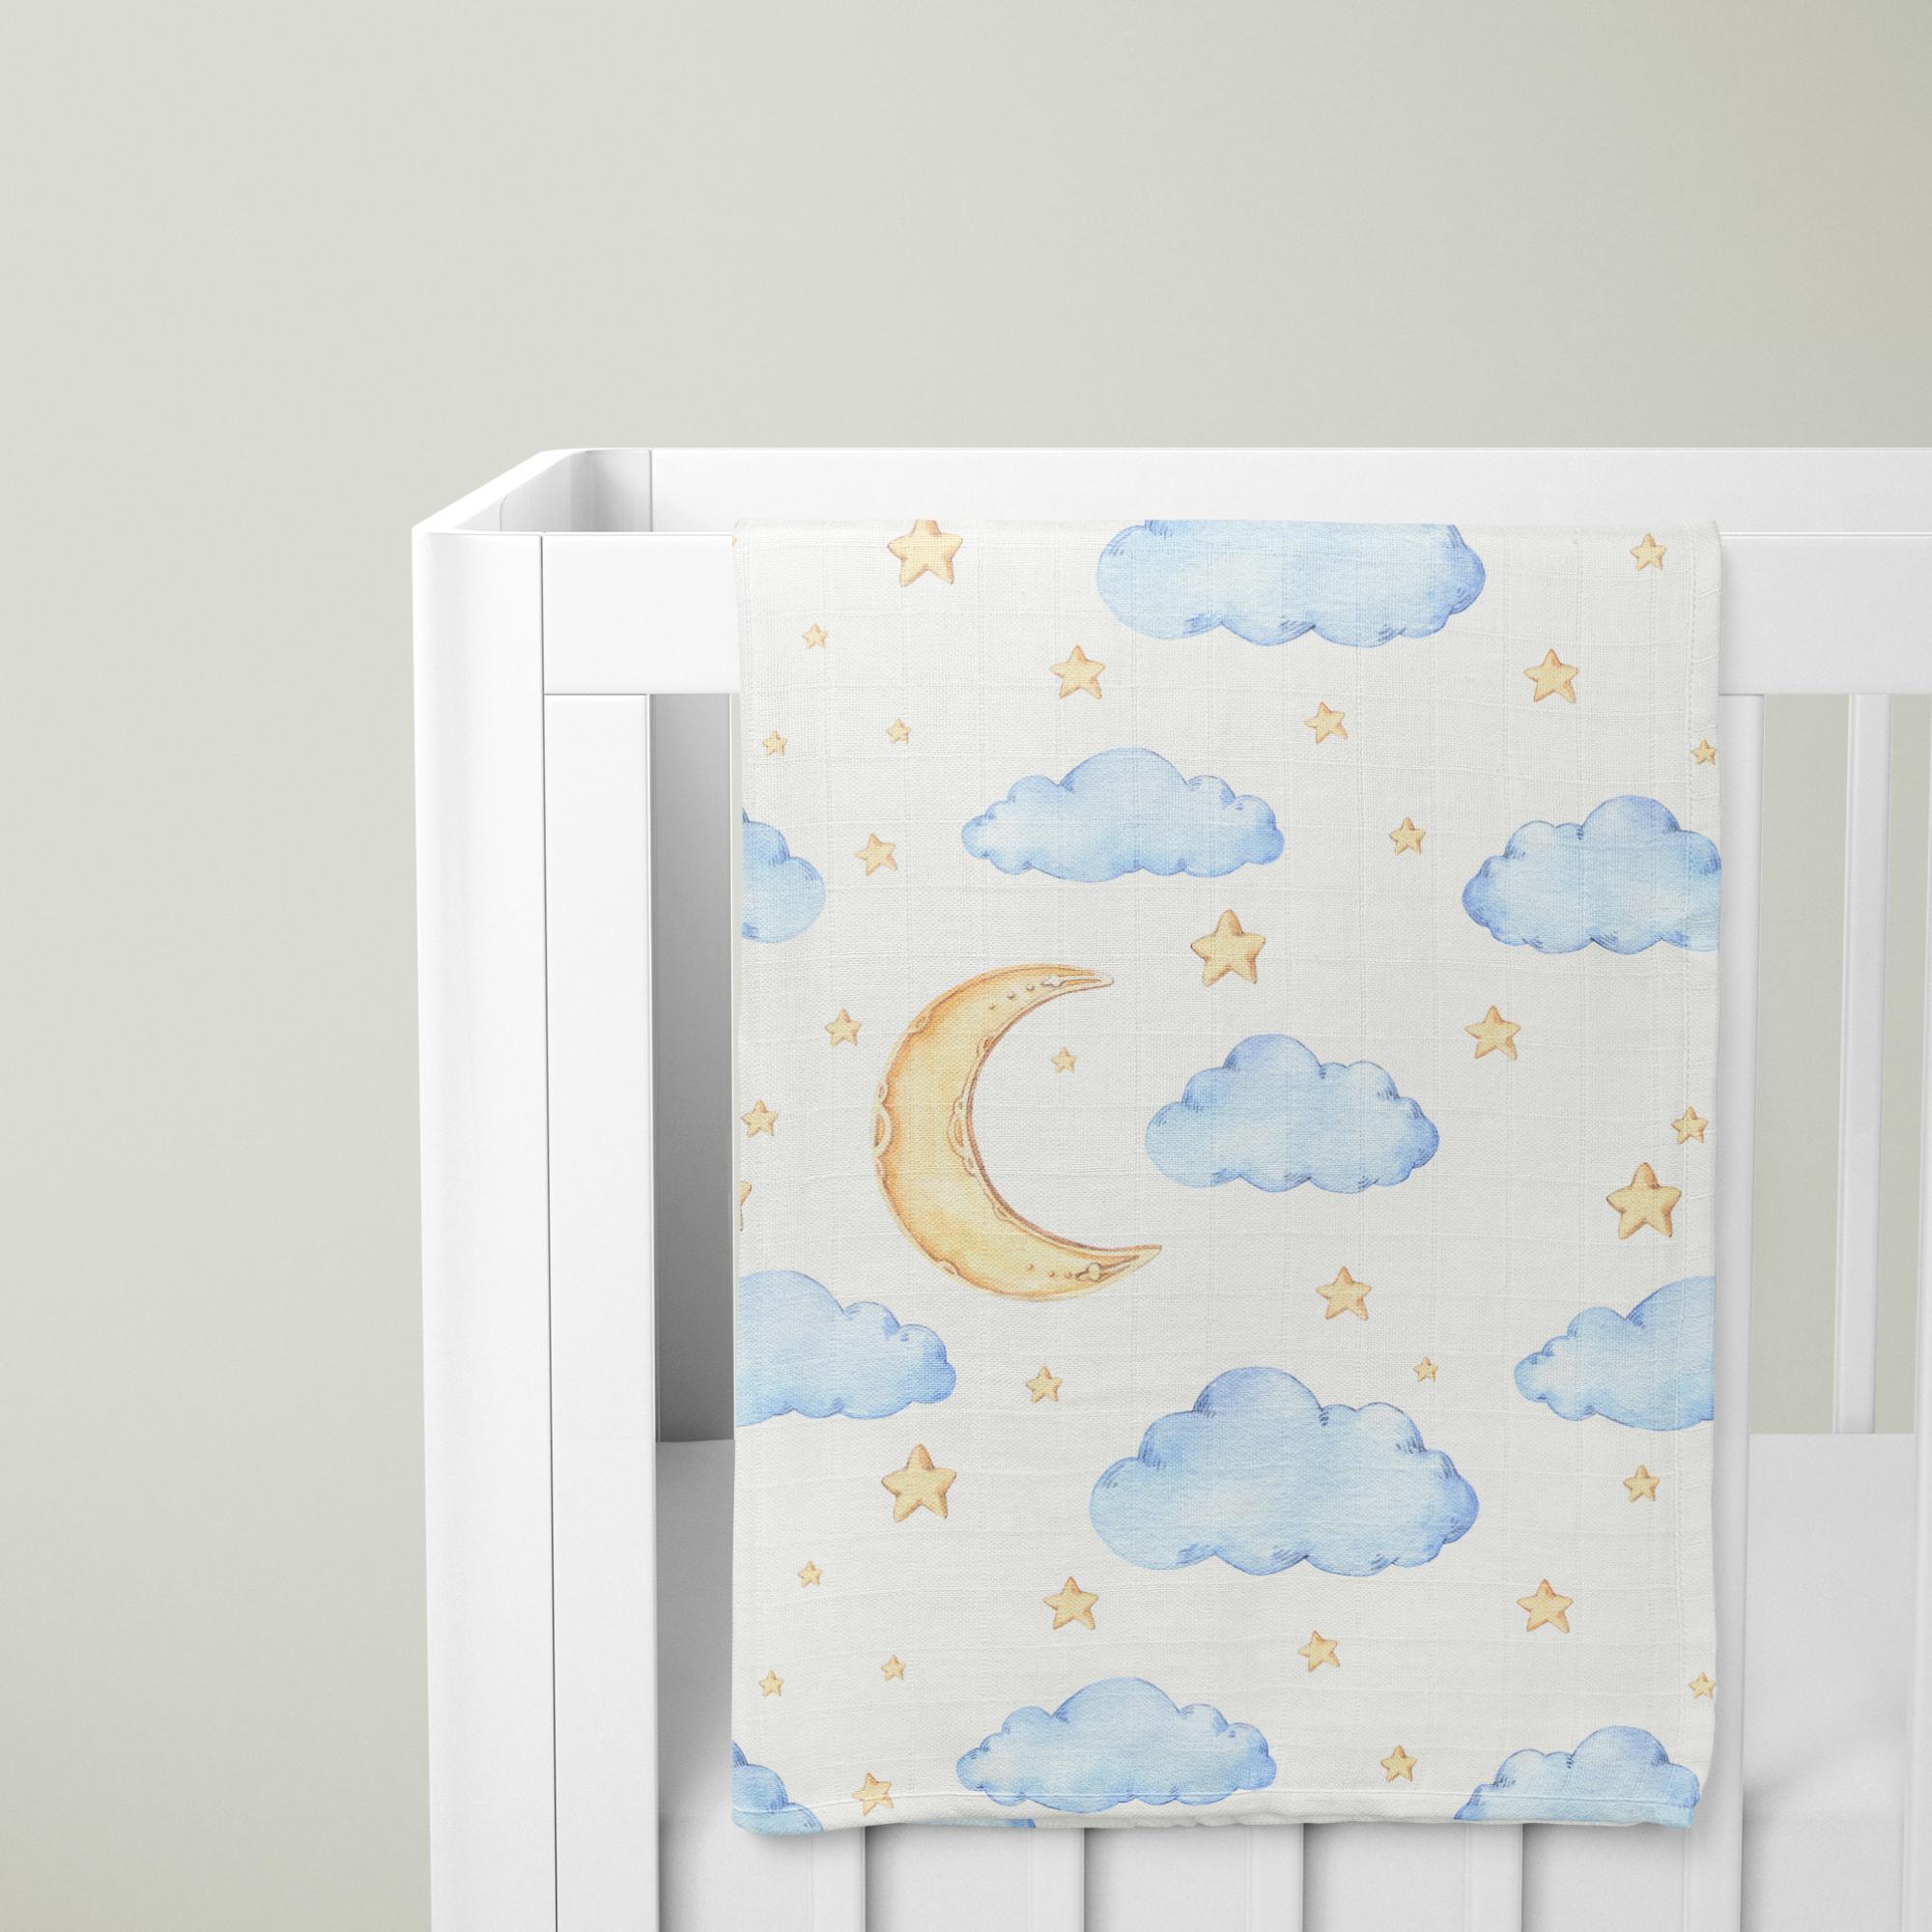 müslin bebek battaniye